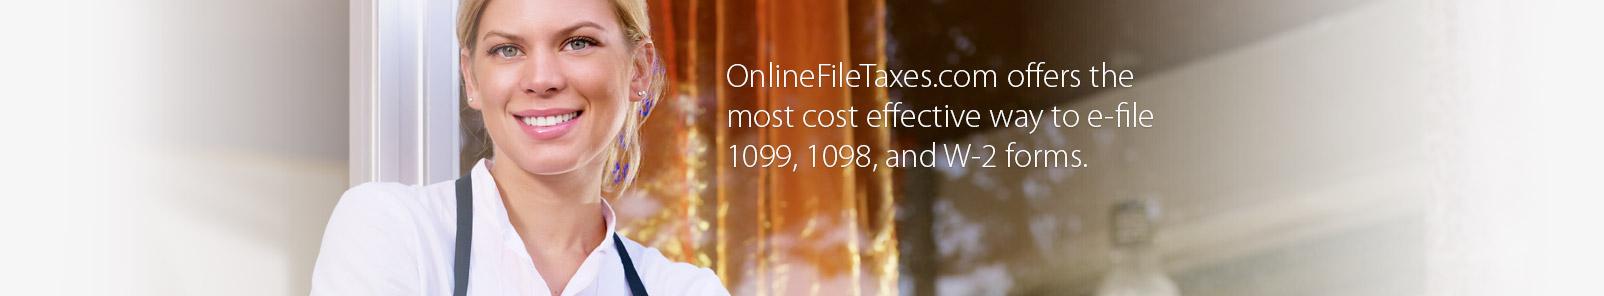 OnlineFileTaxes Com - Easily E-File 1099 Forms